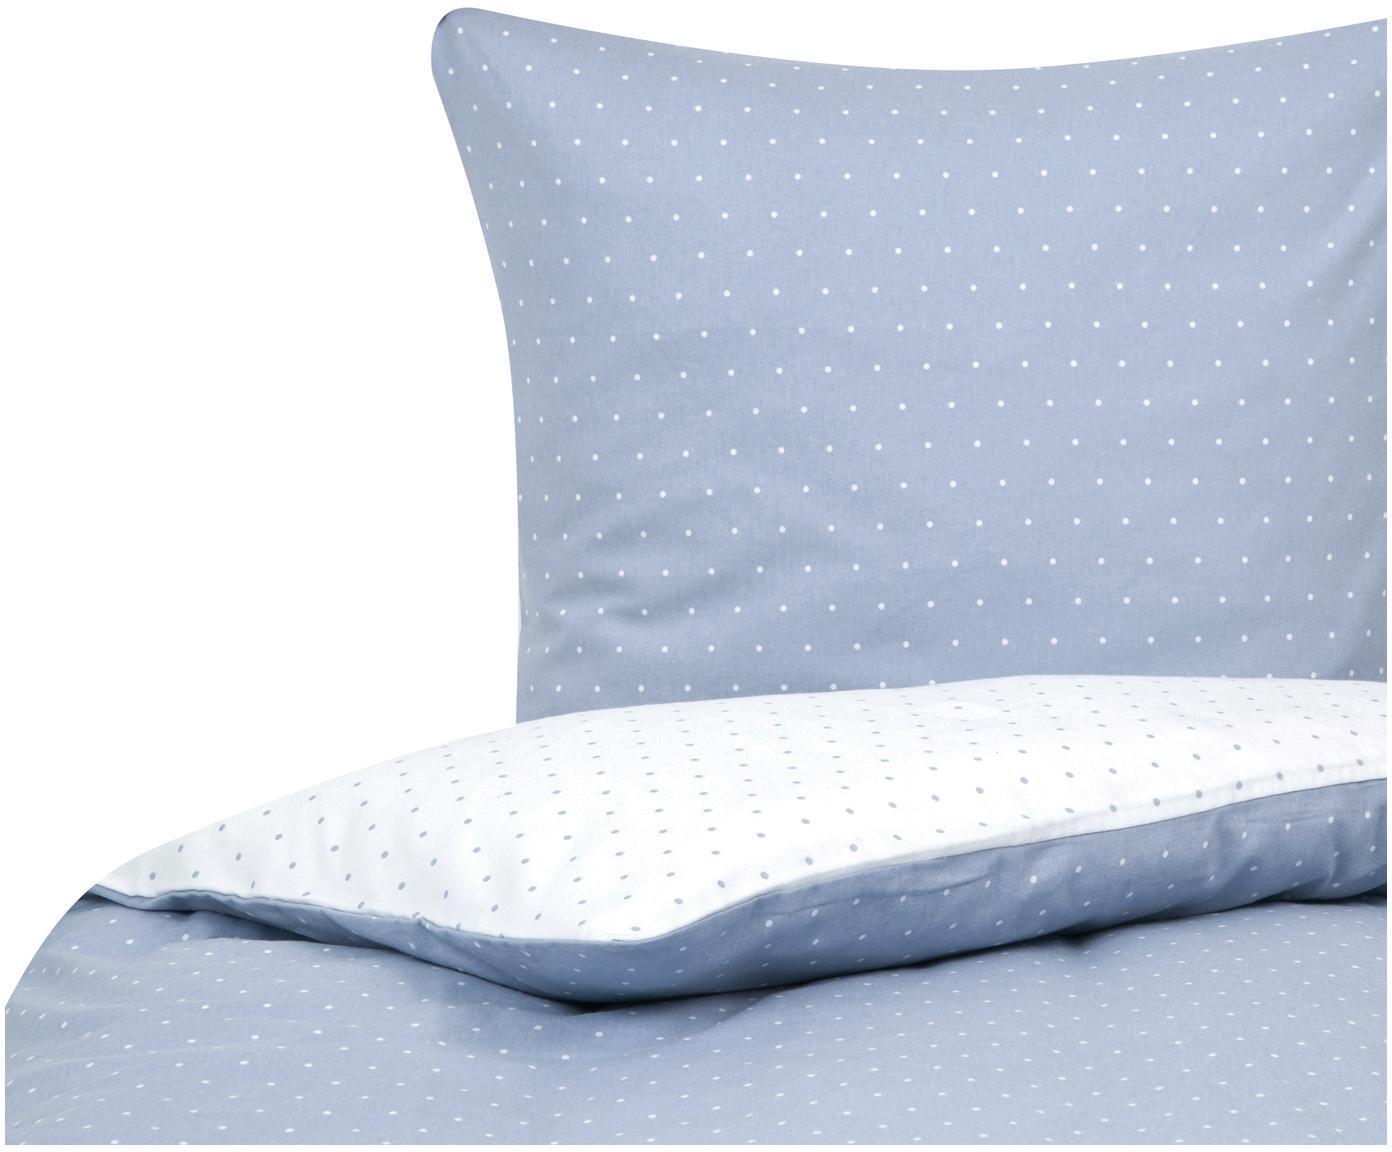 Flanell-Wendebettwäsche Betty, gepunktet, Webart: Flanell Flanell ist ein s, Hellblau, Weiß, 135 x 200 cm + 1 Kissen 80 x 80 cm